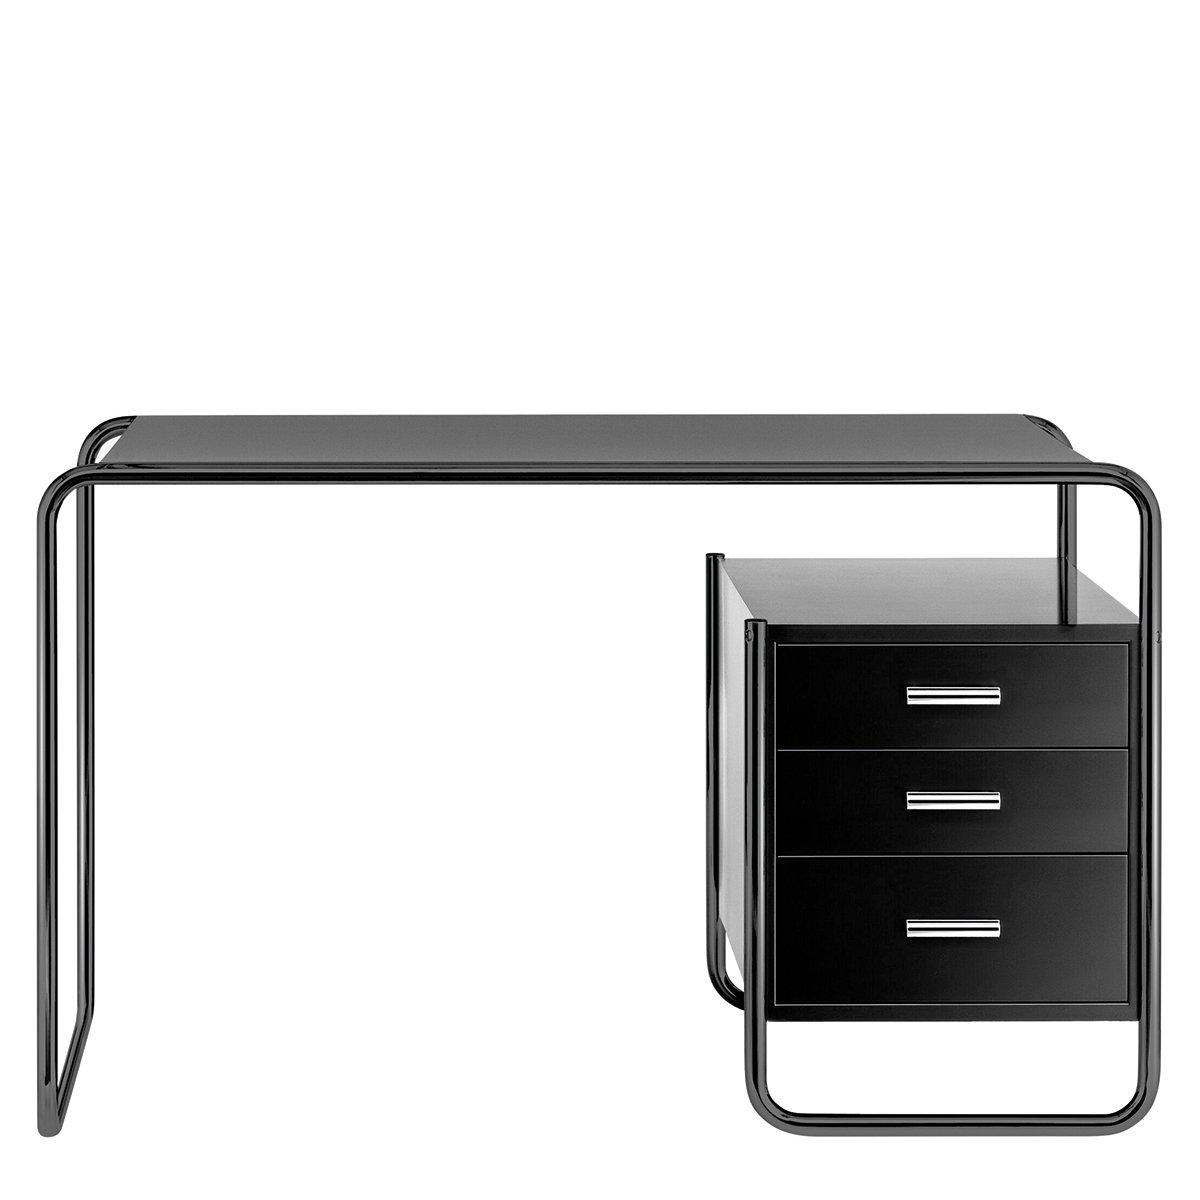 Thonet S285/2 Bureau - Zwart frame / Zwart gebeitst essenhout